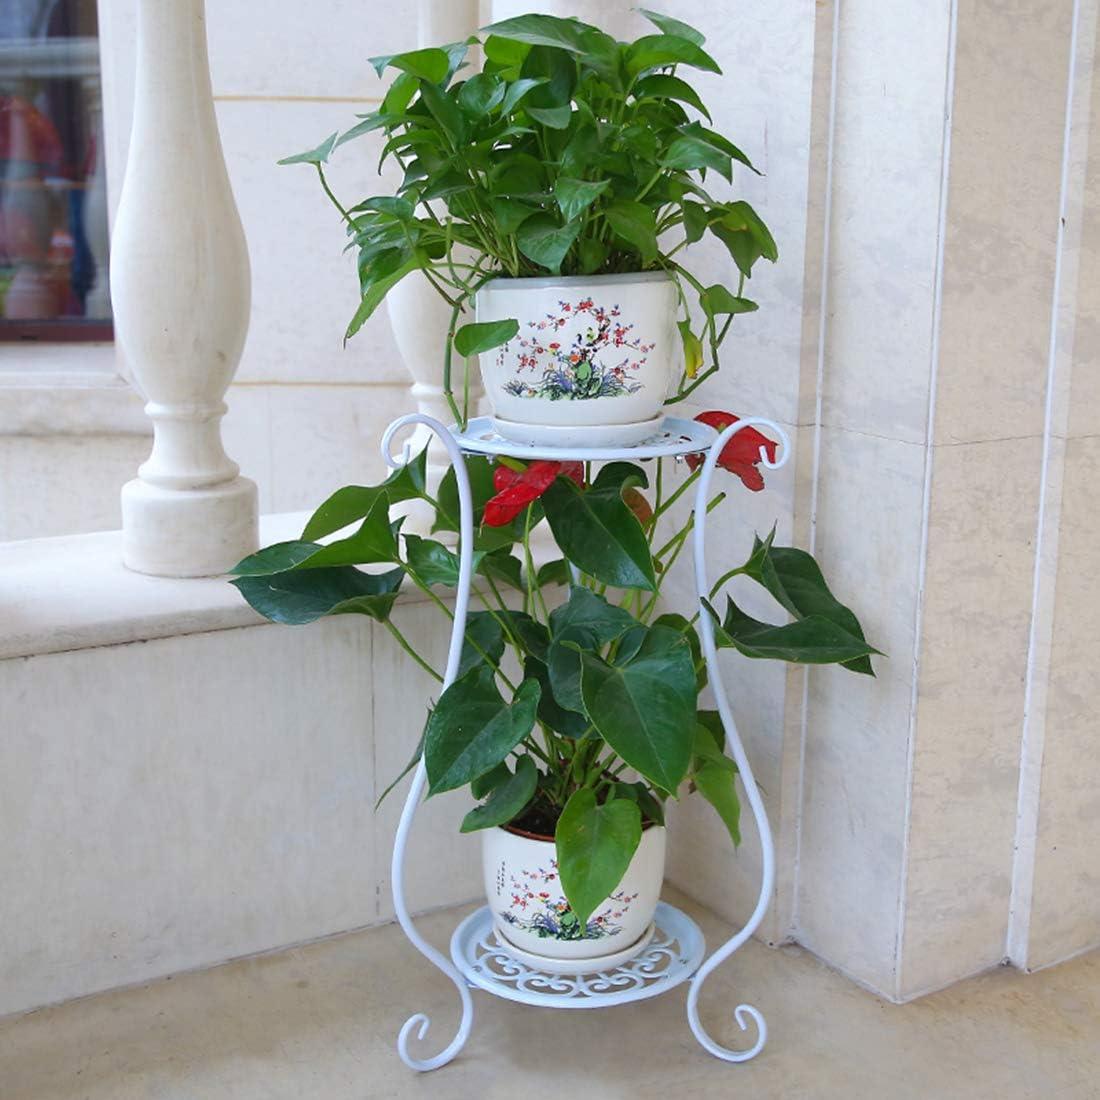 MAJOZ 2 Niveles Maceteros Porta Macetas Metal Decorativos/Soporte de Pie/Estante Vintage para Macetas Pedestales Flores Plantas, para Jardín Dormitorio Sala de Estar Oficina Balcón Interior (Blanco)